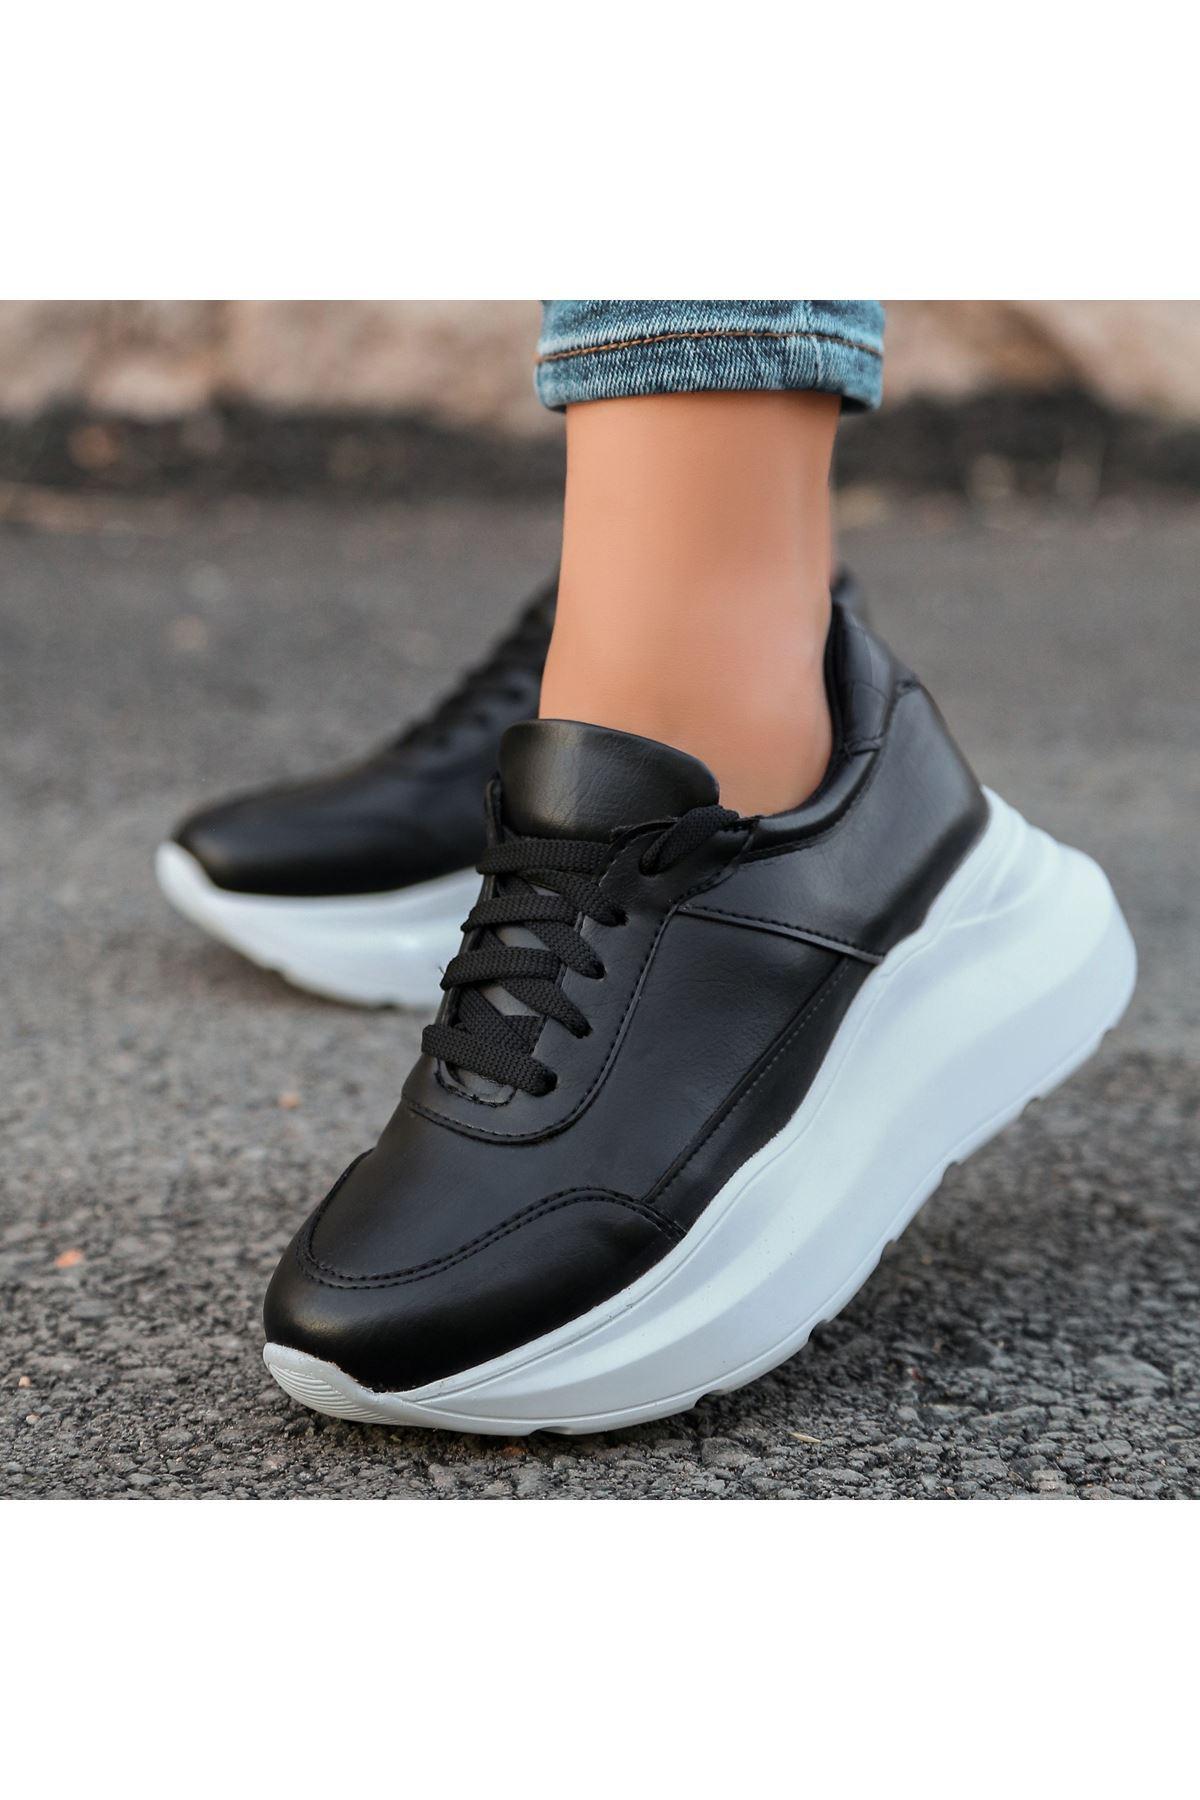 Toin Siyah Cilt Beyaz Tabanlı Spor Ayakkabı